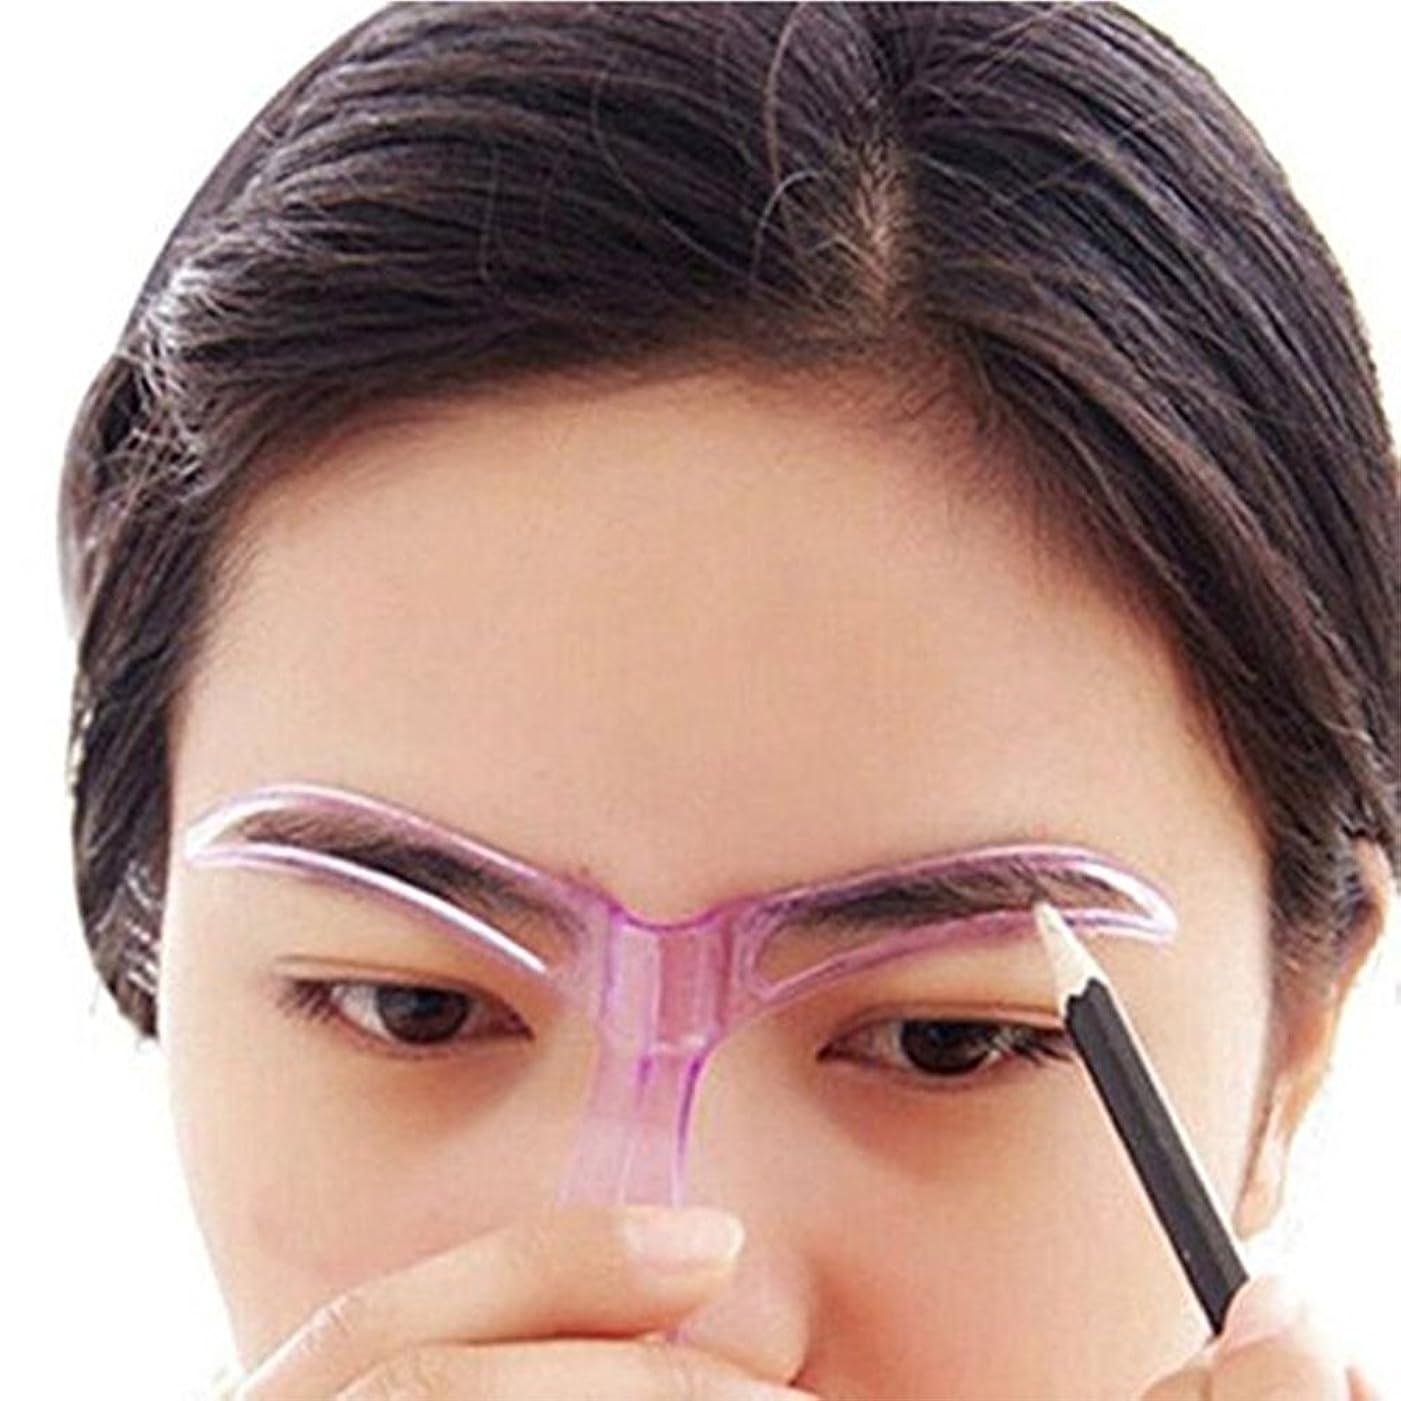 退屈頭痛歯車【 50%キャンペーン】眉毛模板eyebrow模板 左右対称アイブローテンプレート フェミニン